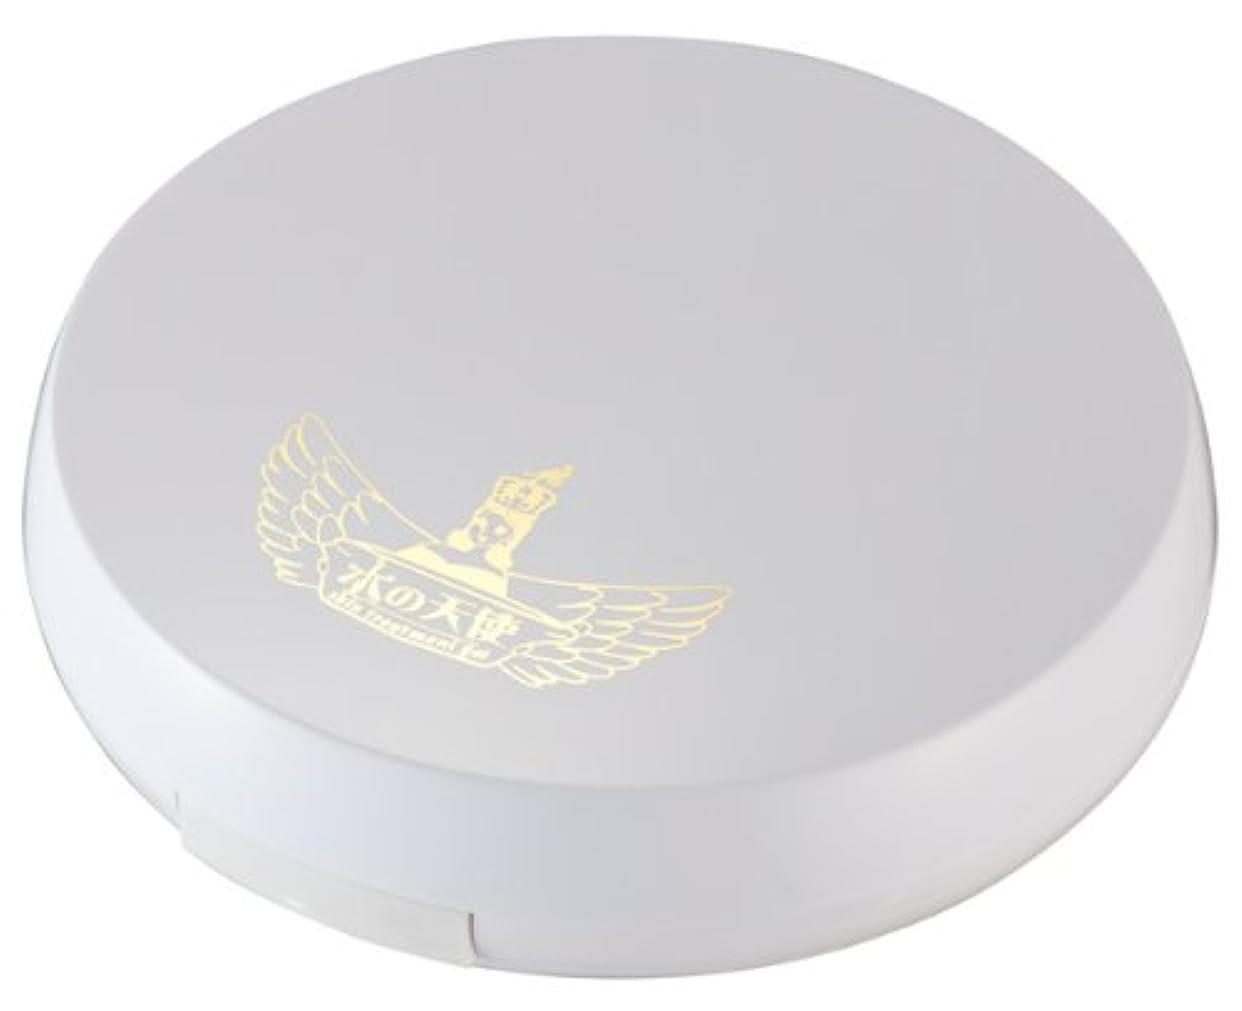 モールス信号検証ペルメル水の天使ロイヤルファンデーション オークル8.3g